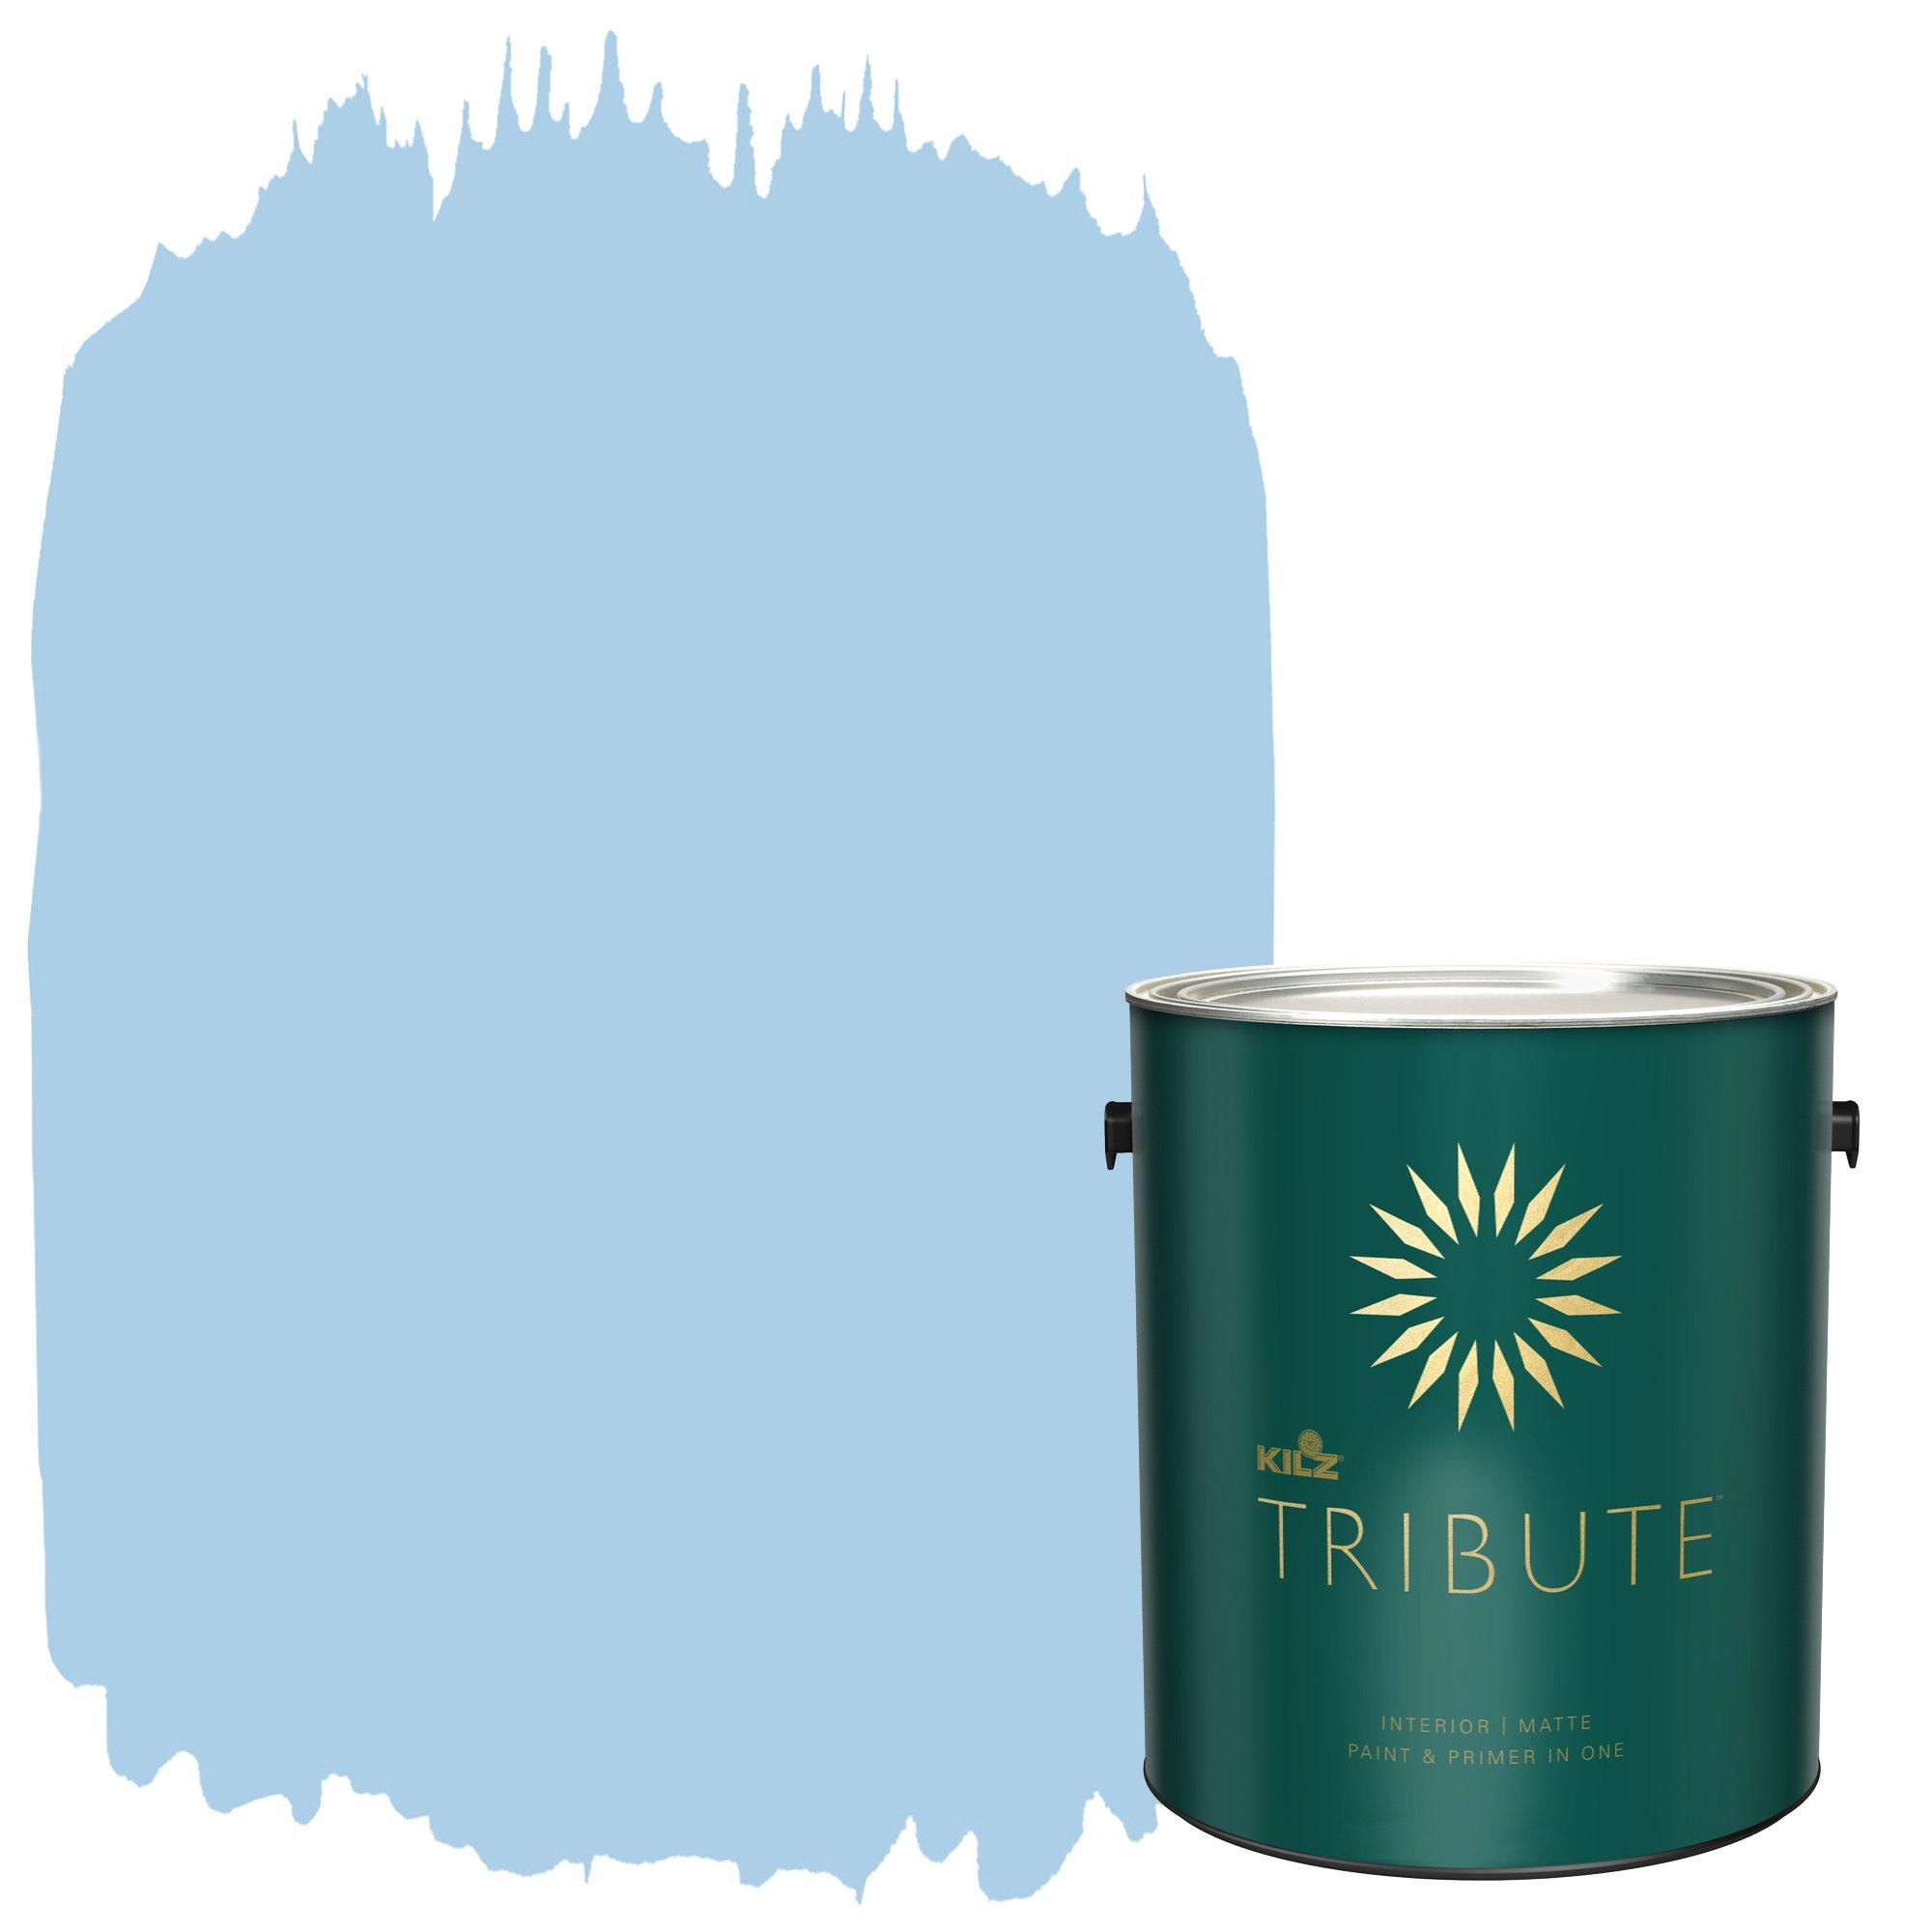 KILZ TRIBUTE Interior Matte Paint and Primer in One, 1 Gallon, Sea Balm (TB-43)